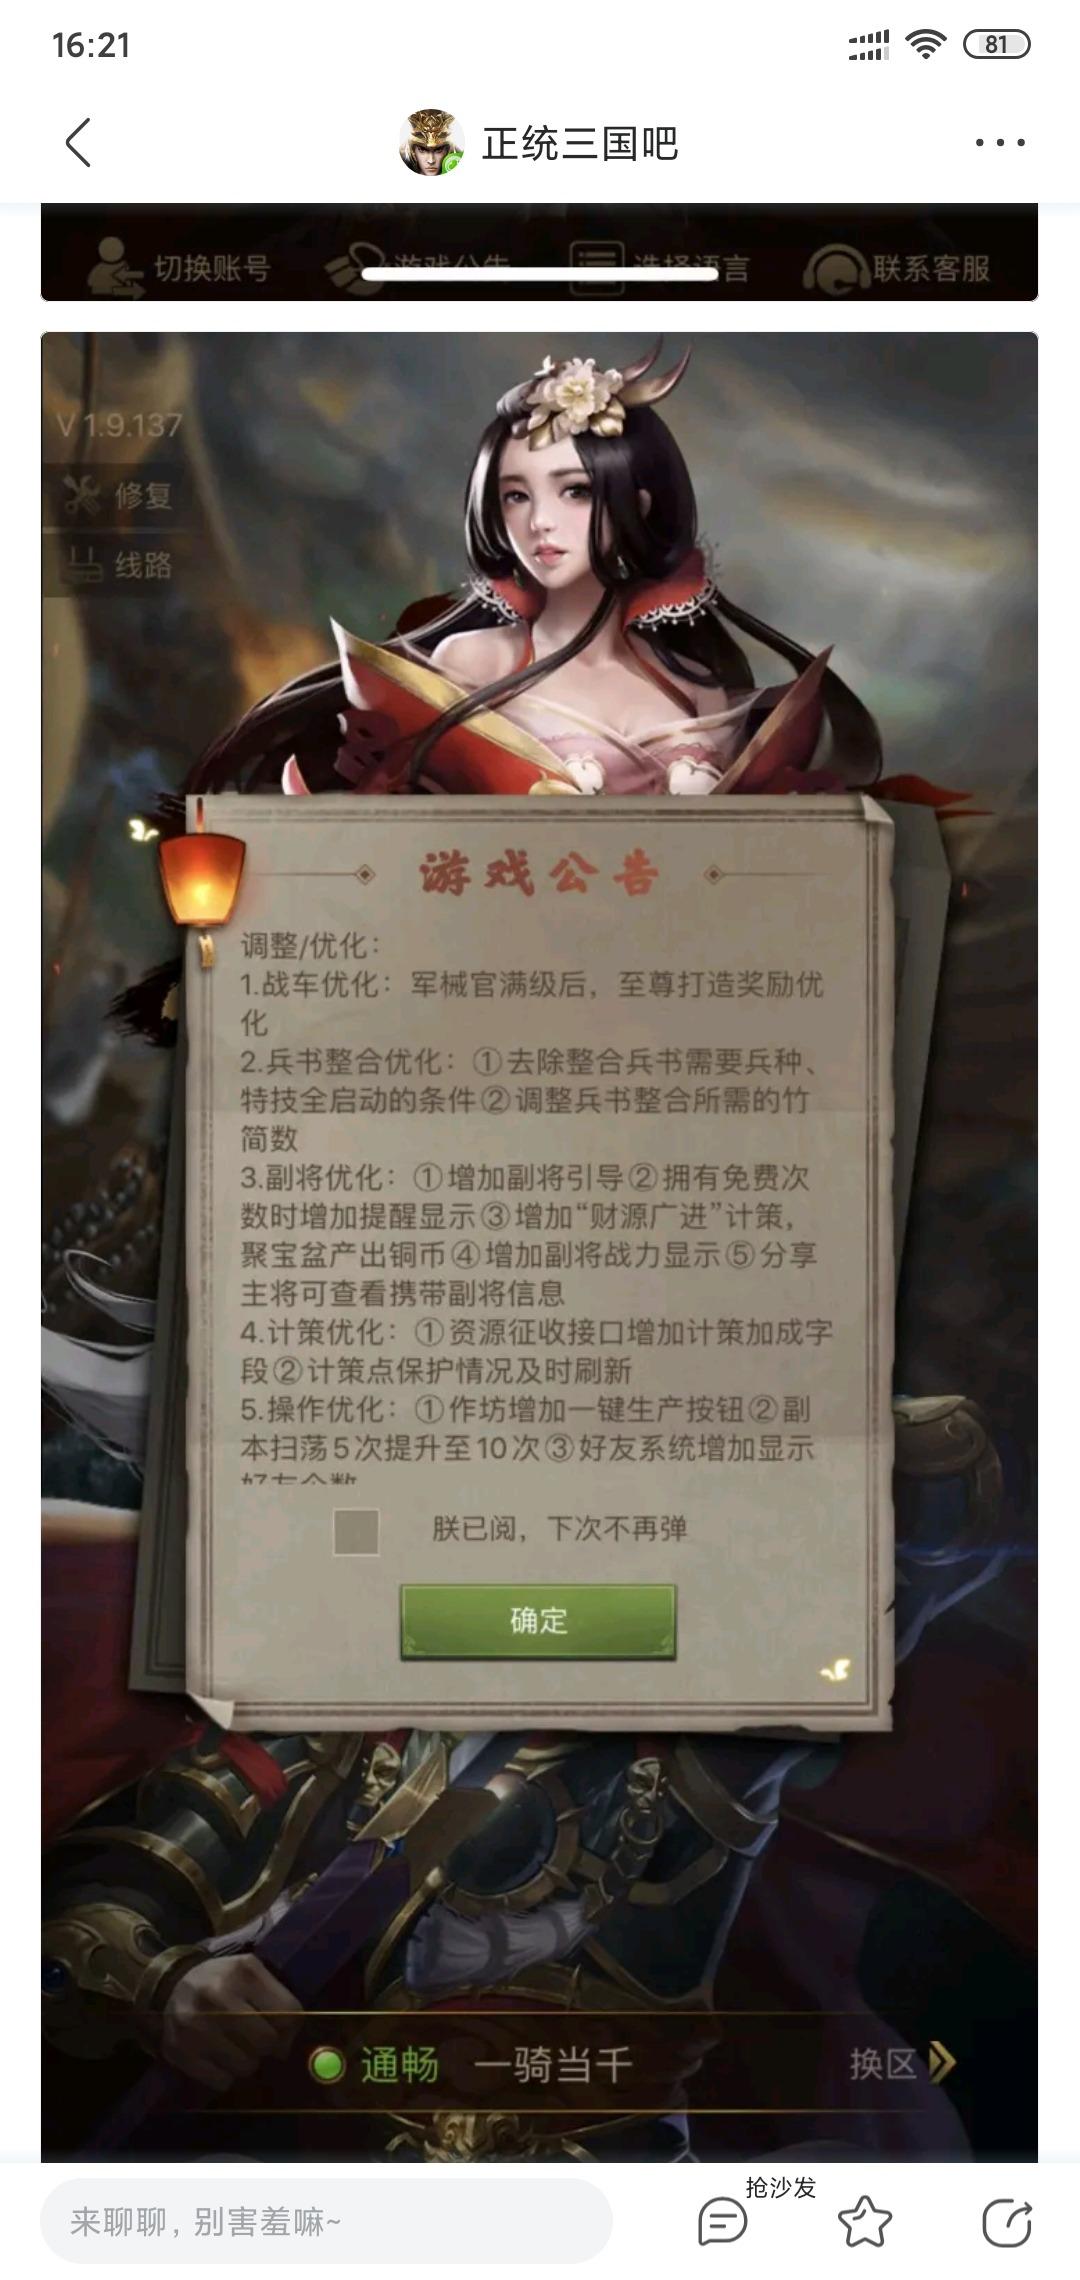 Screenshot_2020-02-16-16-21-00-794_com.baidu.tieba.jpg